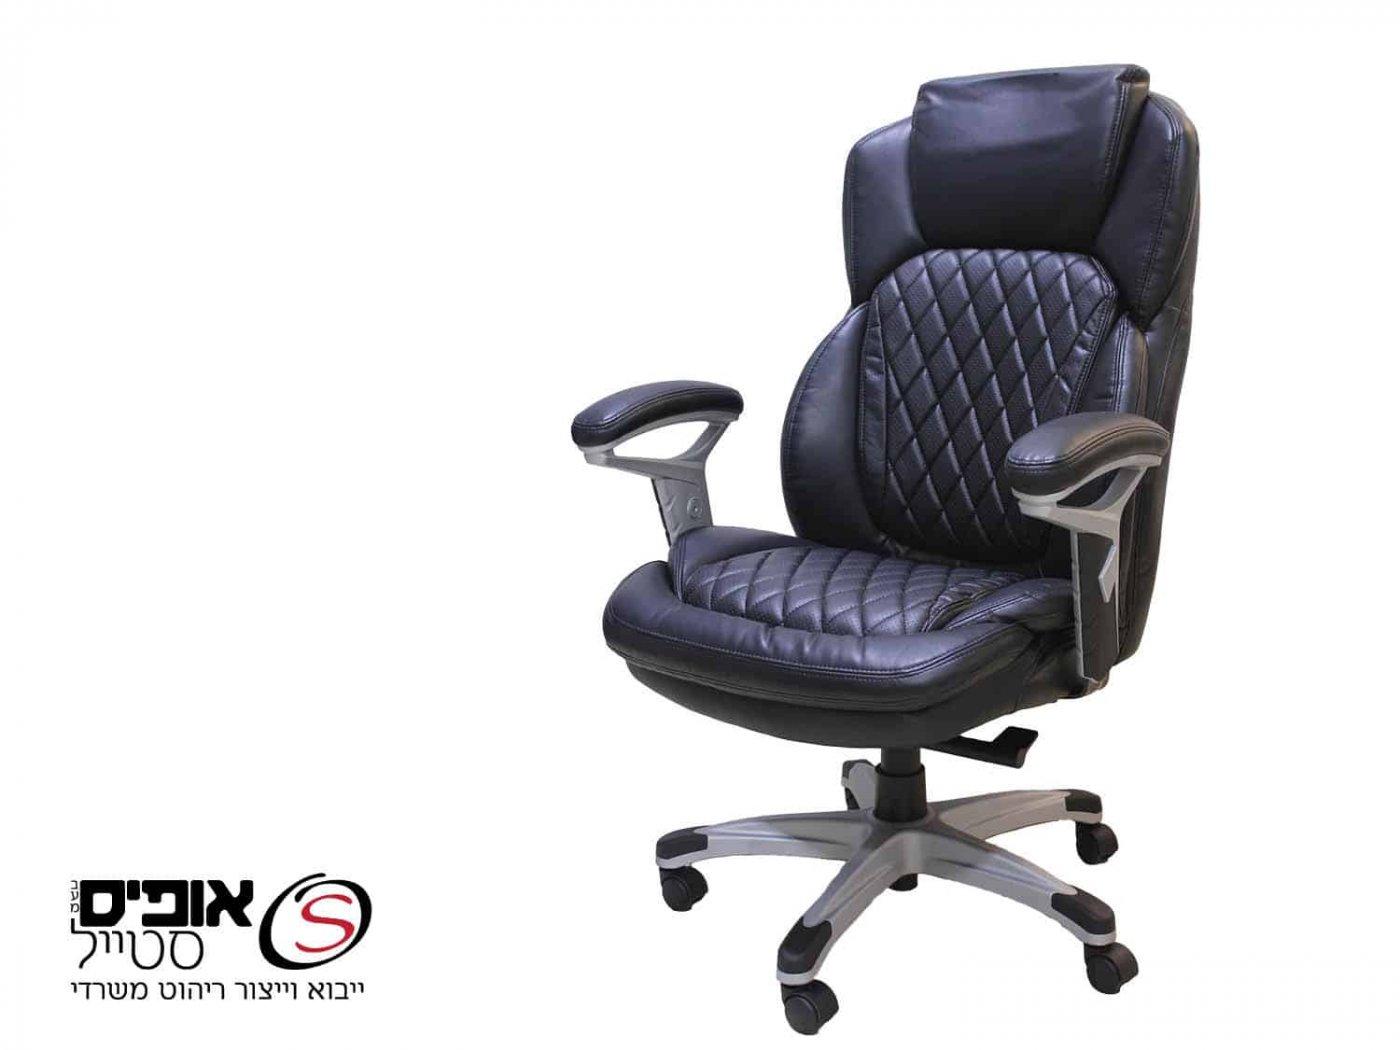 כסא מנהל ארגונומי דגם רובי